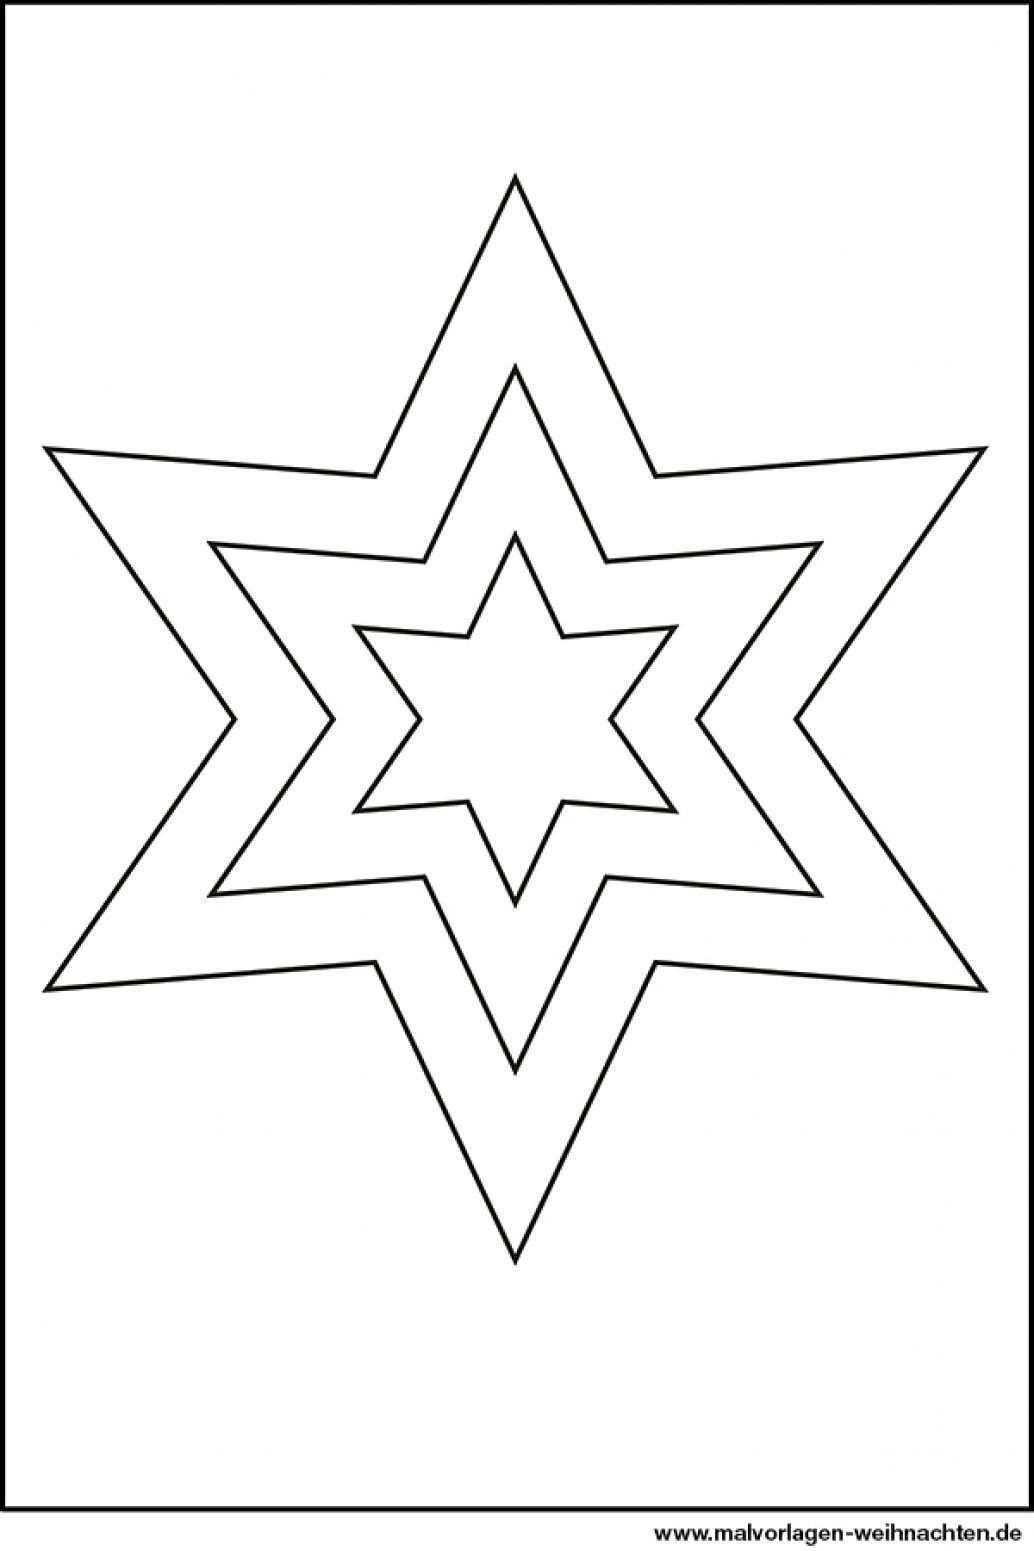 10 Besser Weihnachtsstern Malvorlage Begriff 2020 In 2020 Malvorlage Stern Bastelvorlagen Weihnachten Sterne Basteln Vorlage